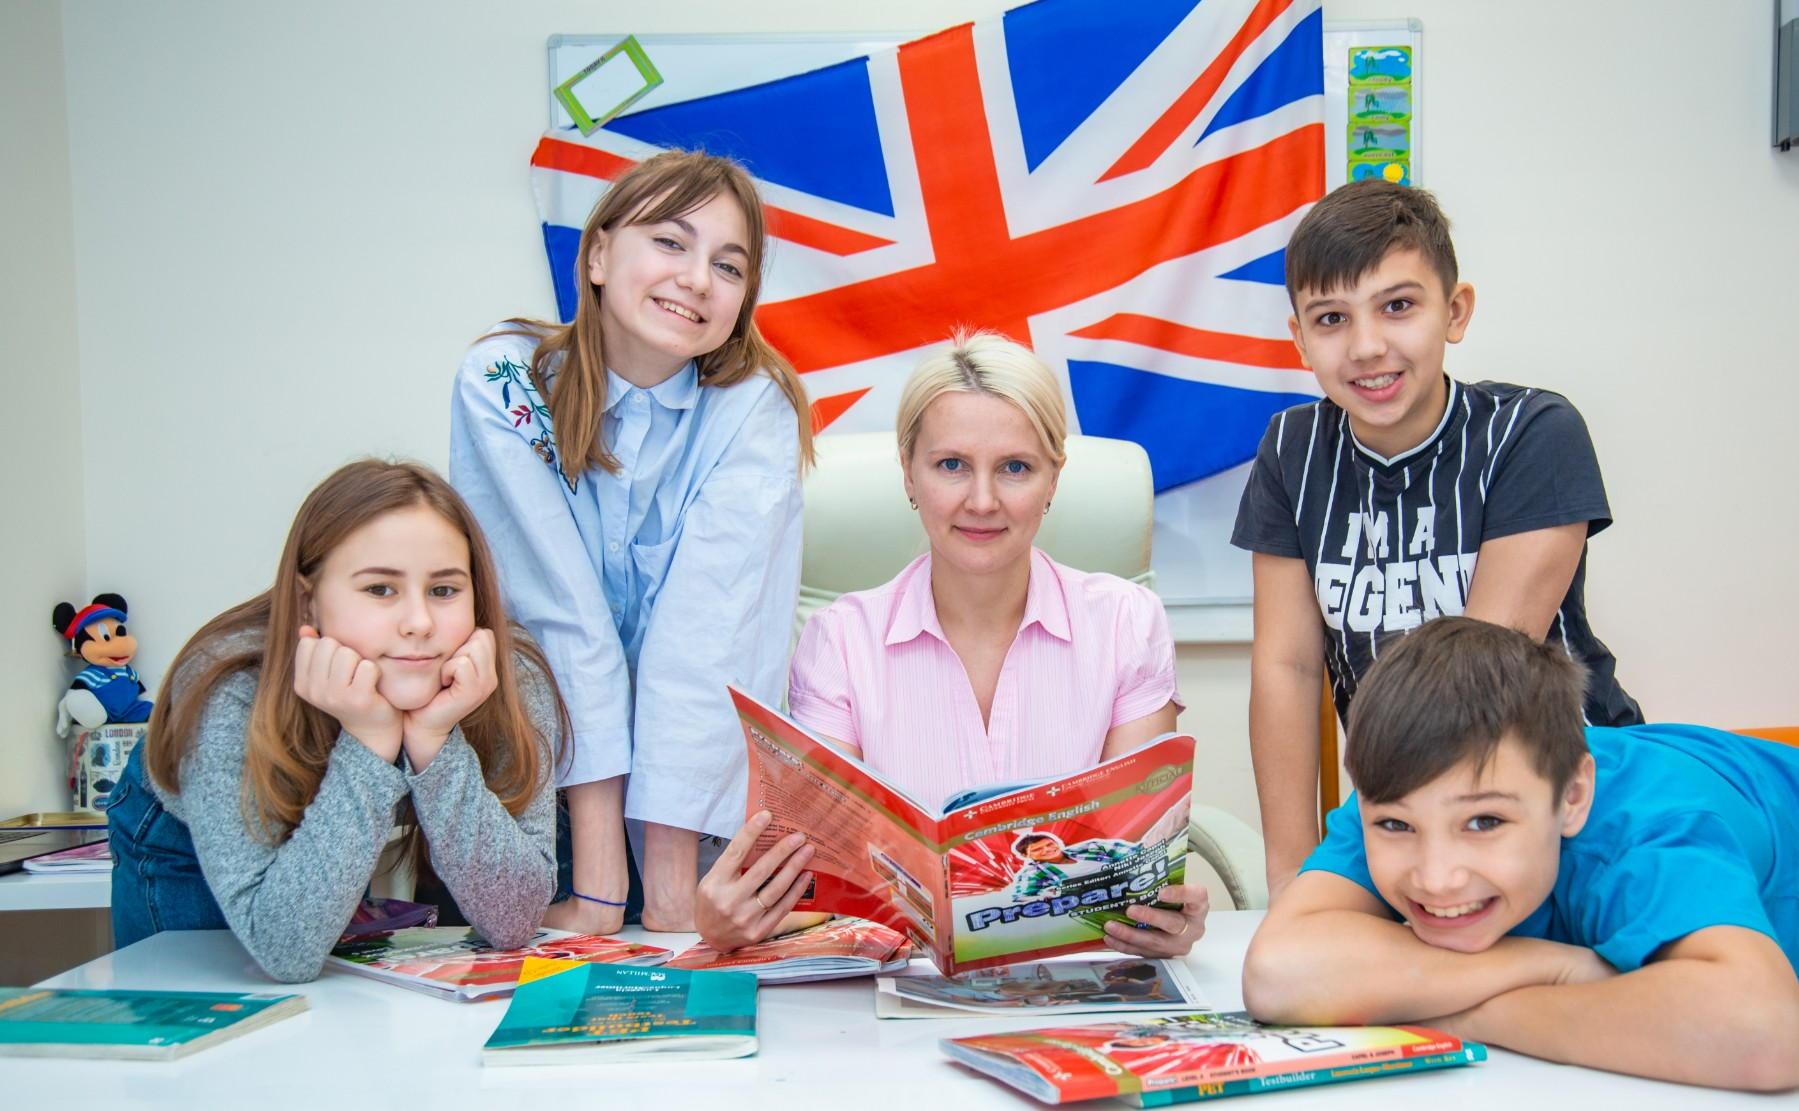 Как ускорить изучение английского? 10 проверенных способов